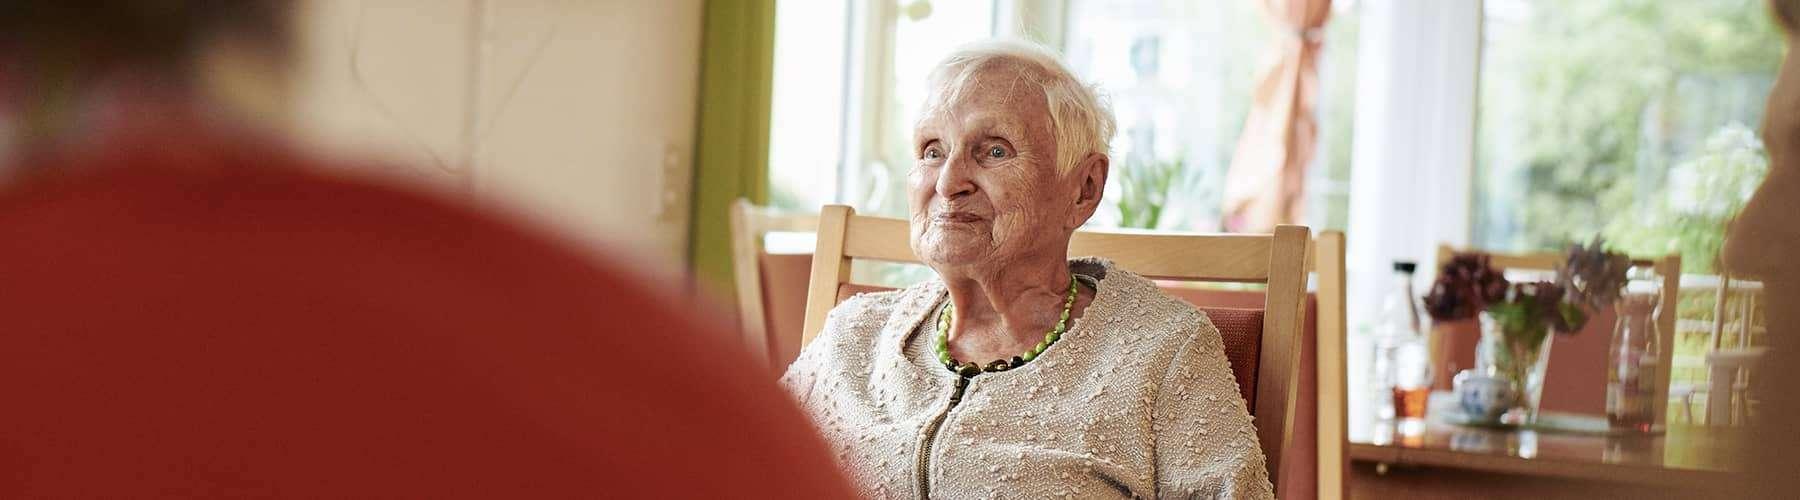 Unsere Wohngemeinschaften: selbständig leben trotz Pflegebedarf